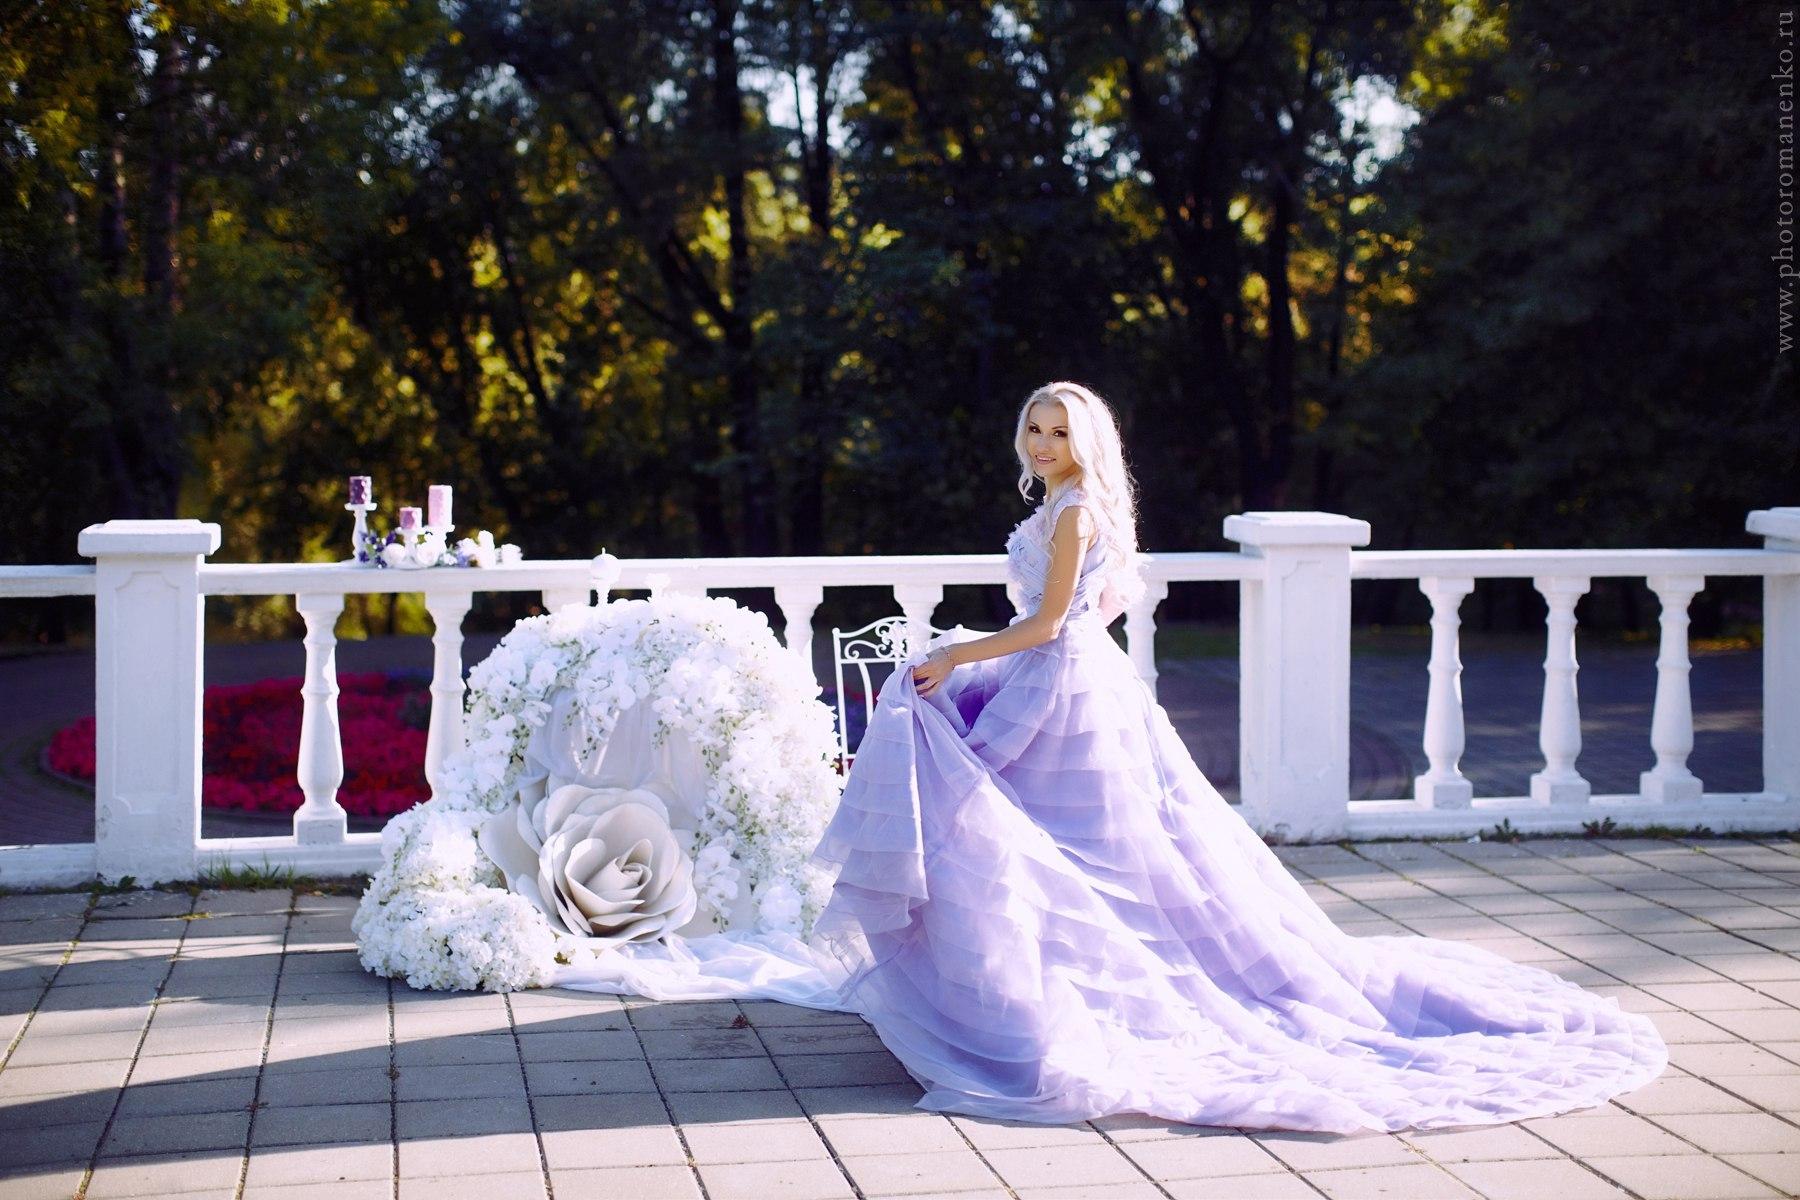 Фотосессия блондинки на крыльце с балюстрадой